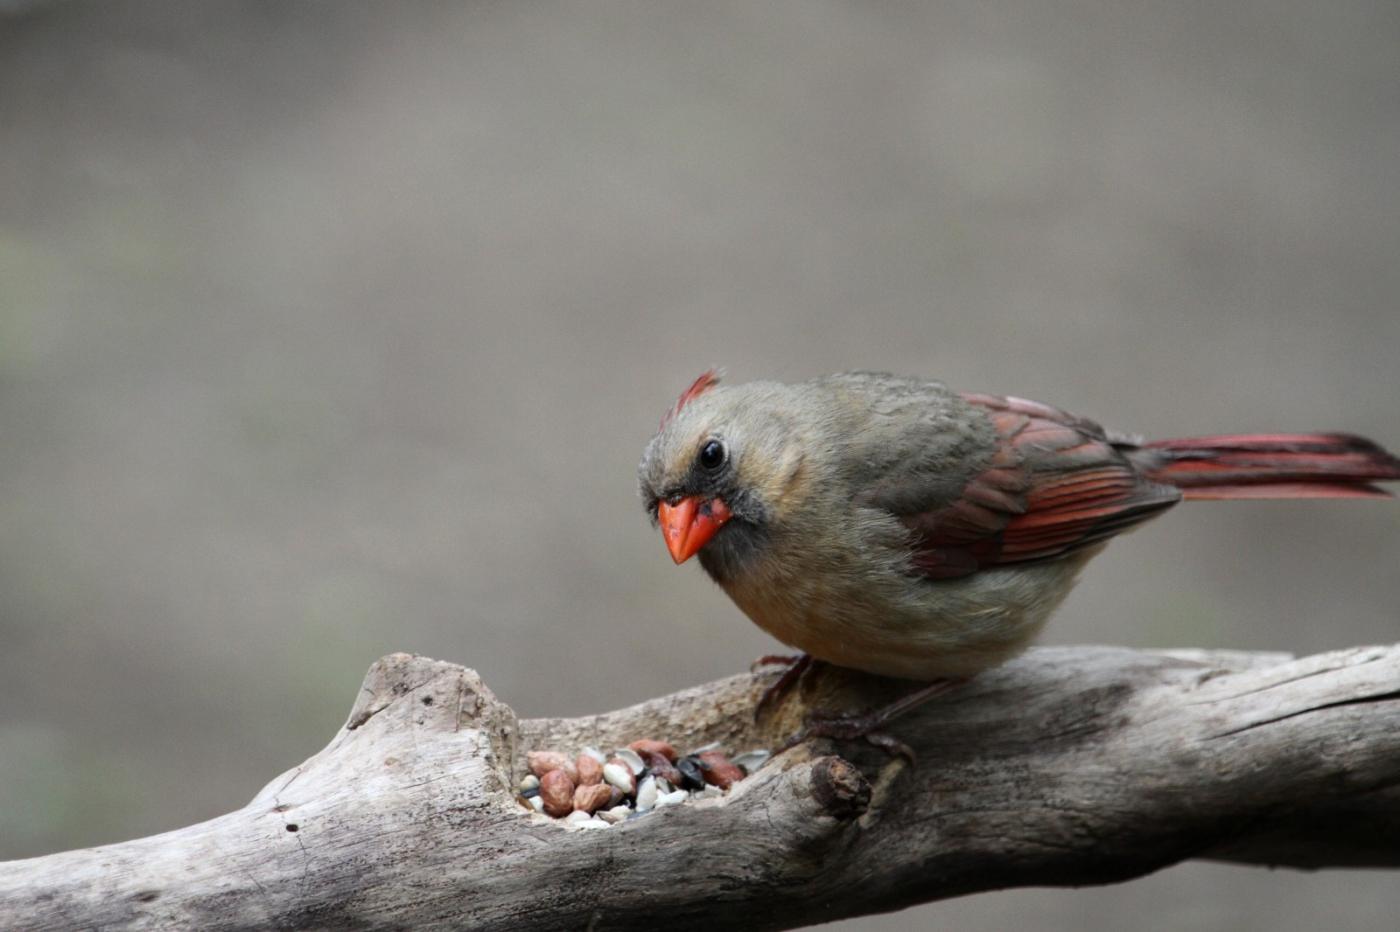 【田螺摄影】有吃的主教鸟还会挑肥拣瘦_图1-6